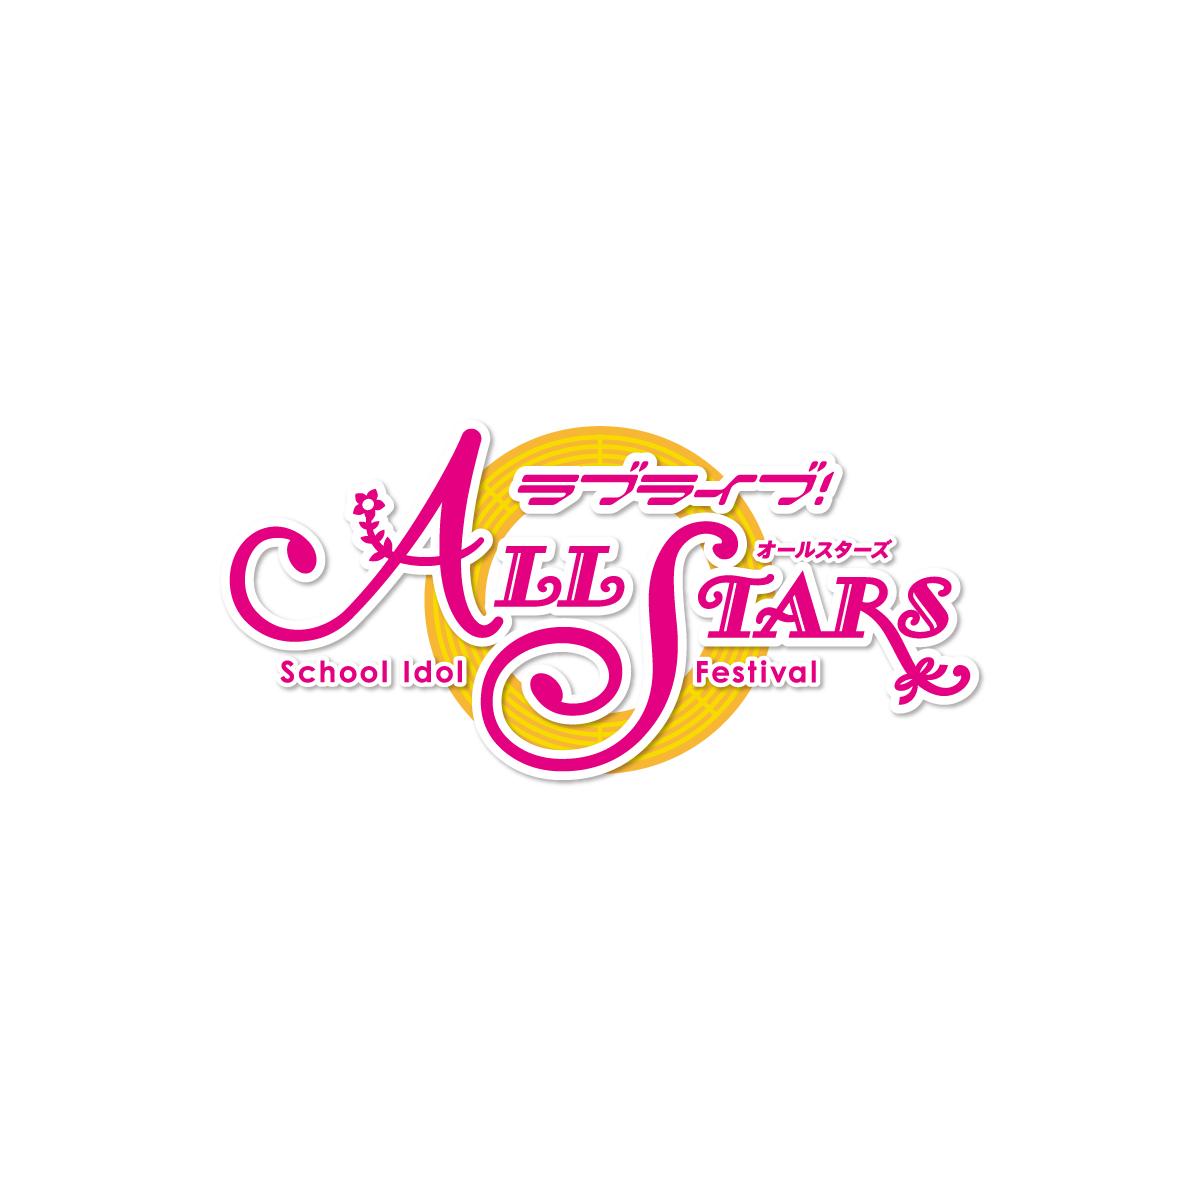 ラブライブ!スクールアイドルフェスティバルALL STARS(スクスタ) » 「ラブライブ!スクールアイドルフェスティバルALL STARS」最新情報のお知らせ